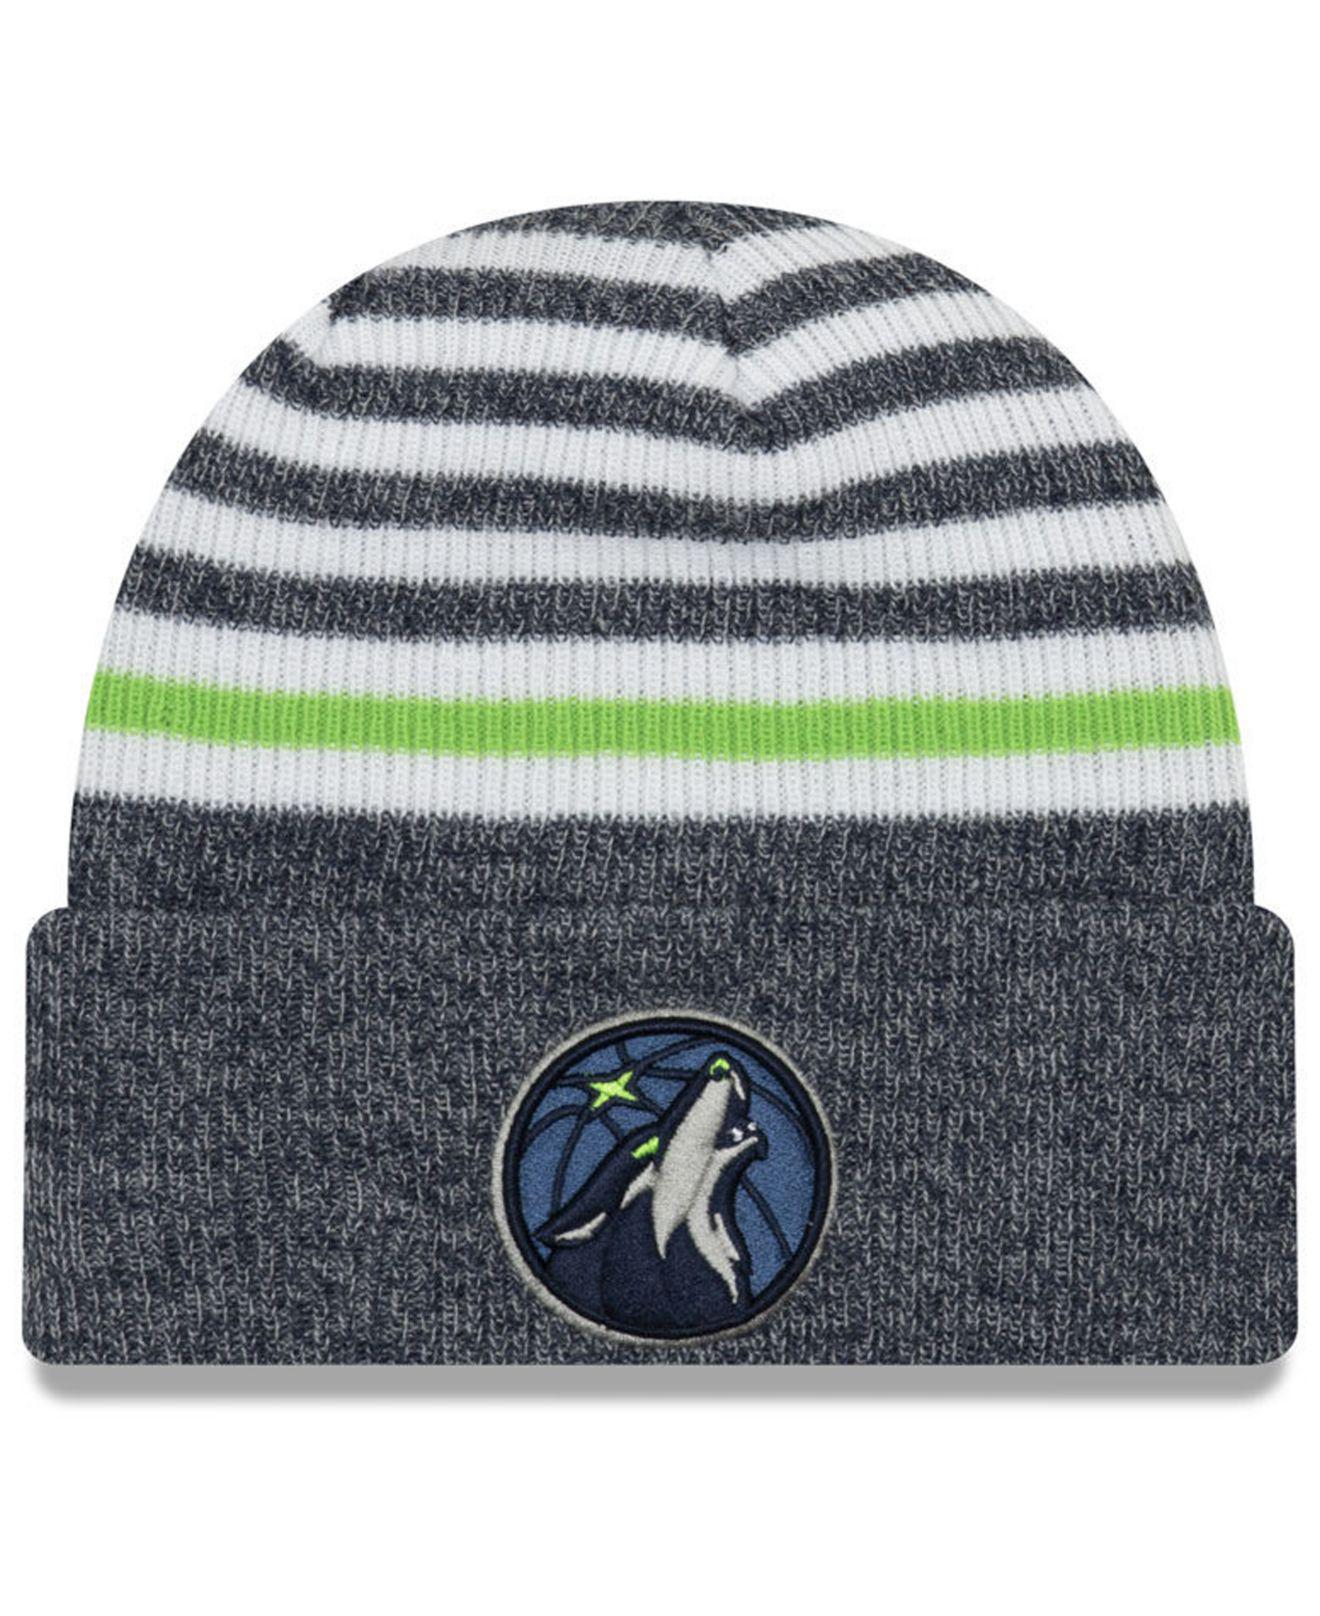 b04905055 Lyst - KTZ Minnesota Timberwolves Striped Cuff Knit Hat in Blue for Men